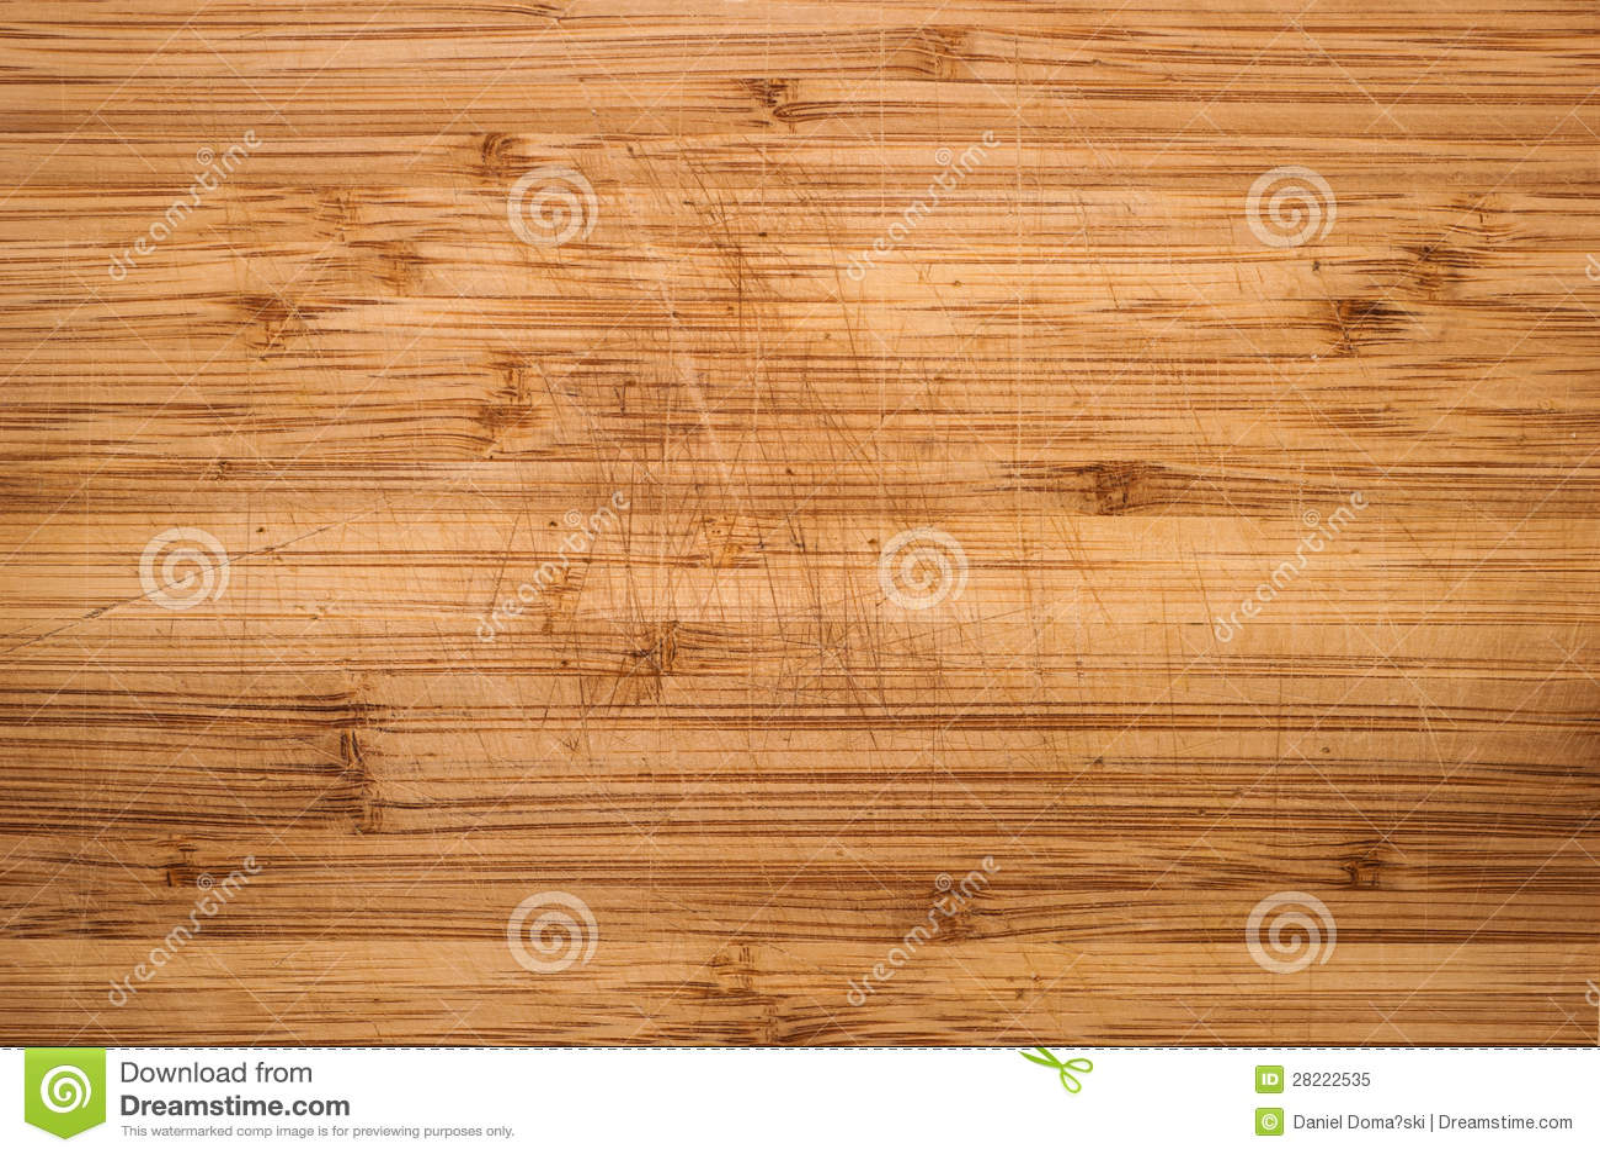 Wooden Desk Background ~ Wood desk background stock image of brown